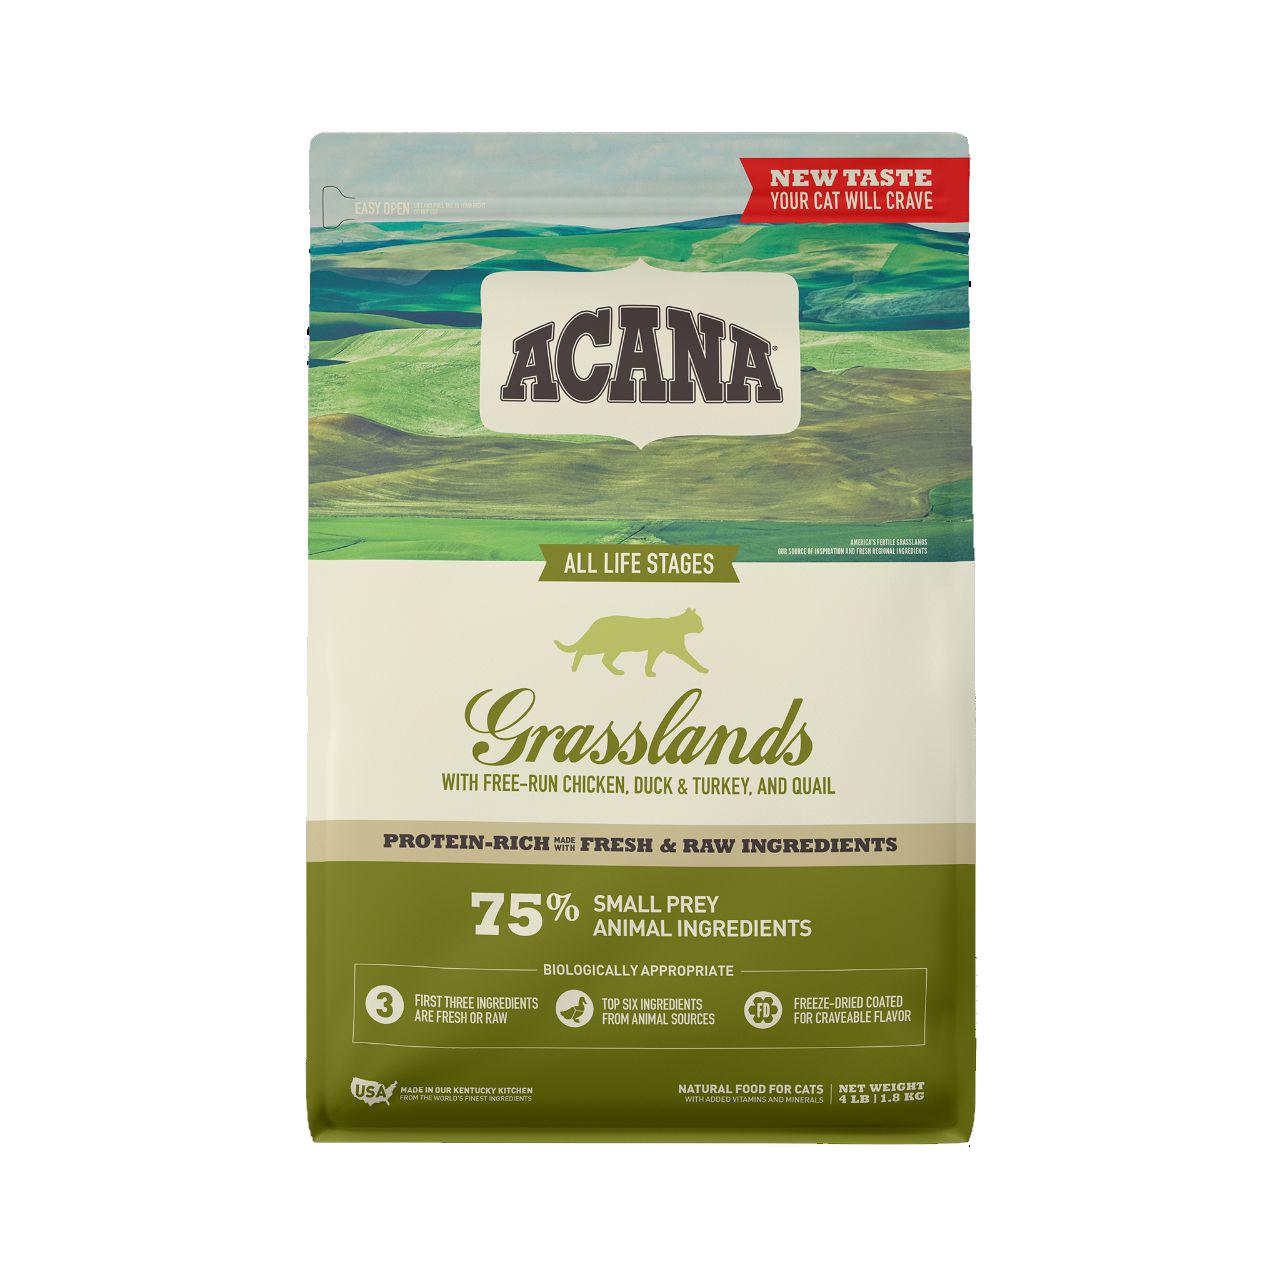 ACANA Grasslands Dry Cat Food, 4-lb bag